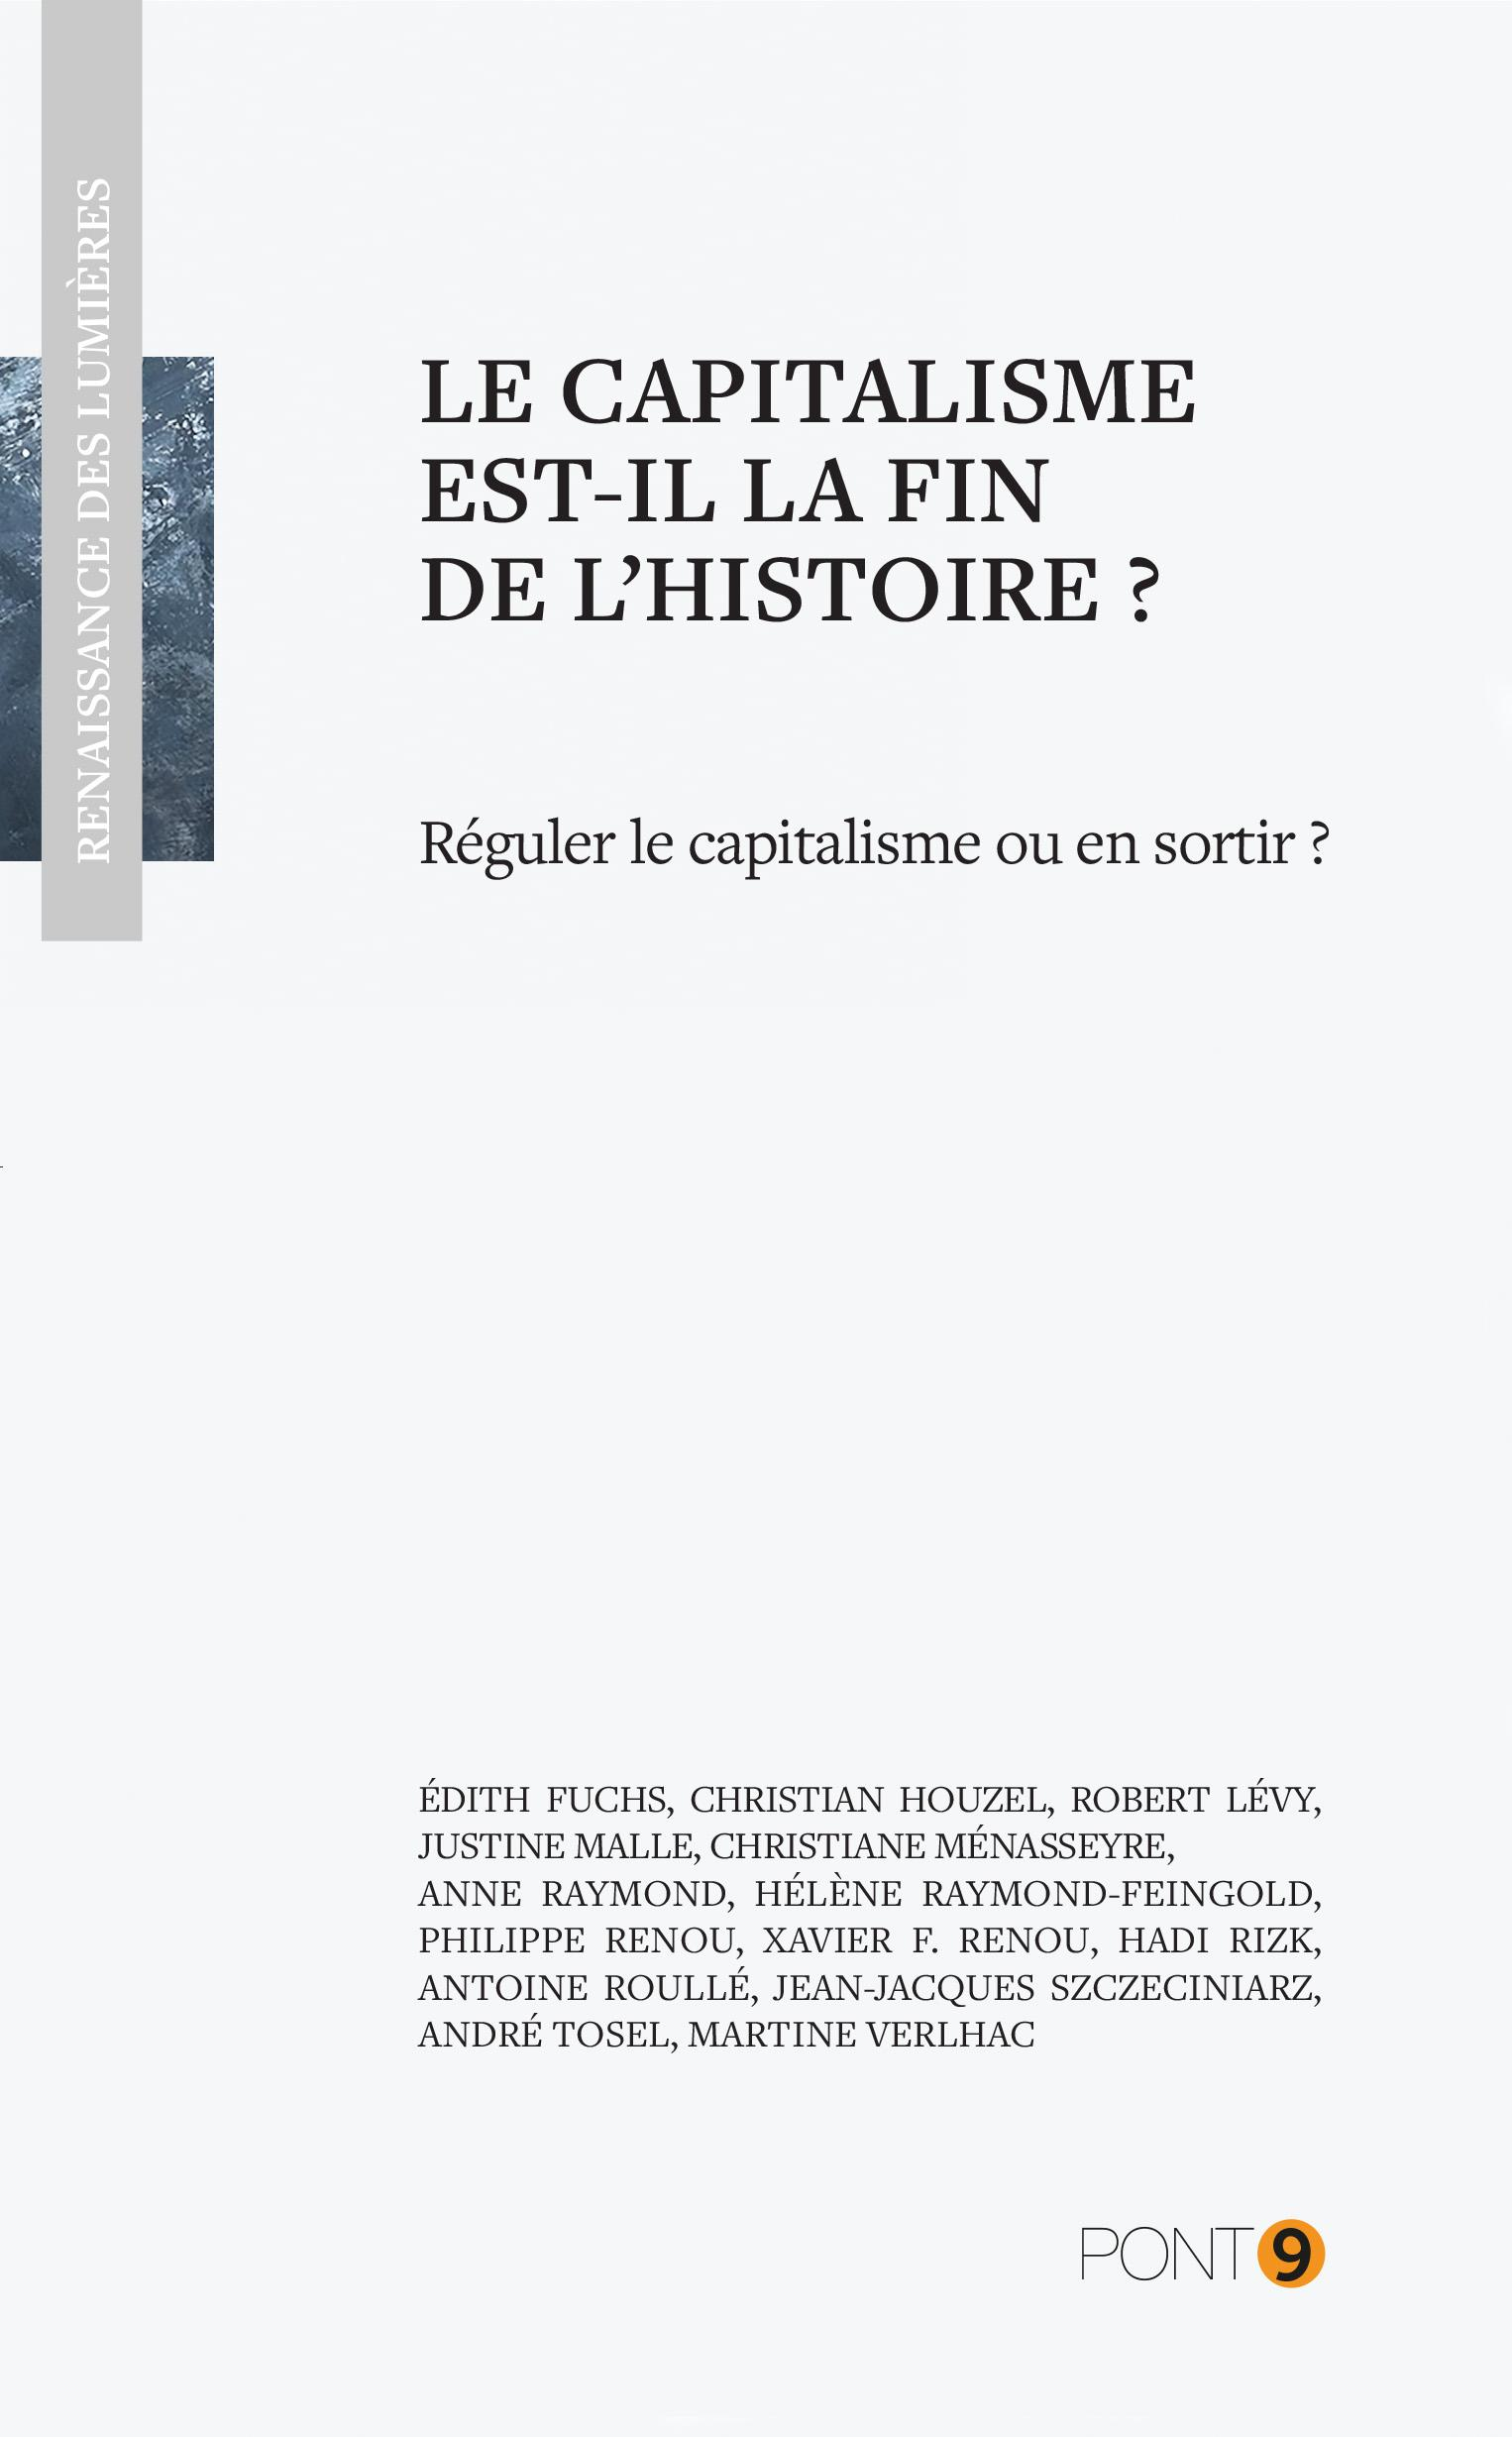 Le capitalisme est-il la fin de l'histoire?, RÉGULER LE CAPITALISME OU EN SORTIR?